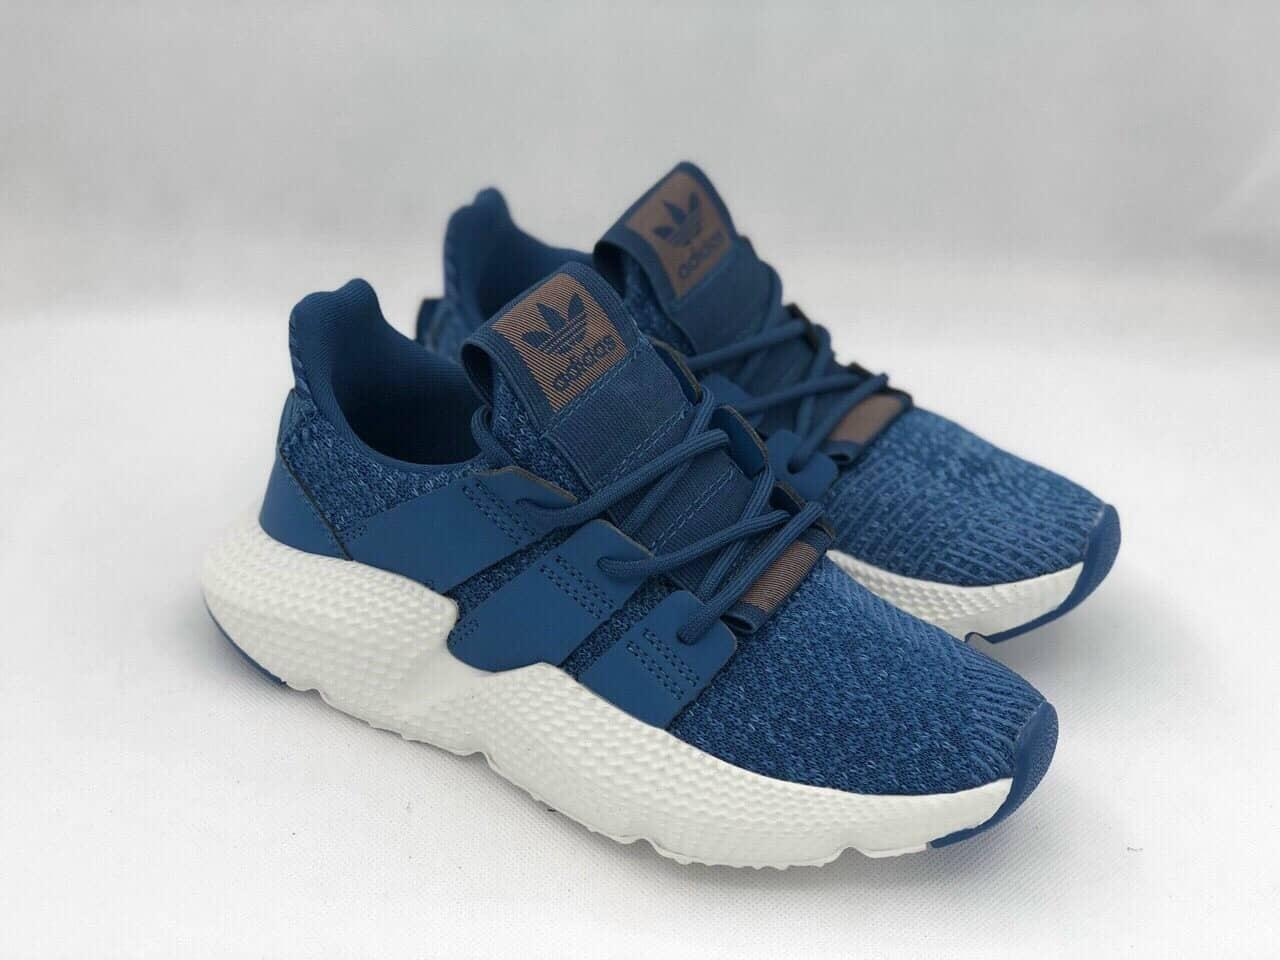 Các thiết kế giày nam nổi bật sự năng động và trẻ trung